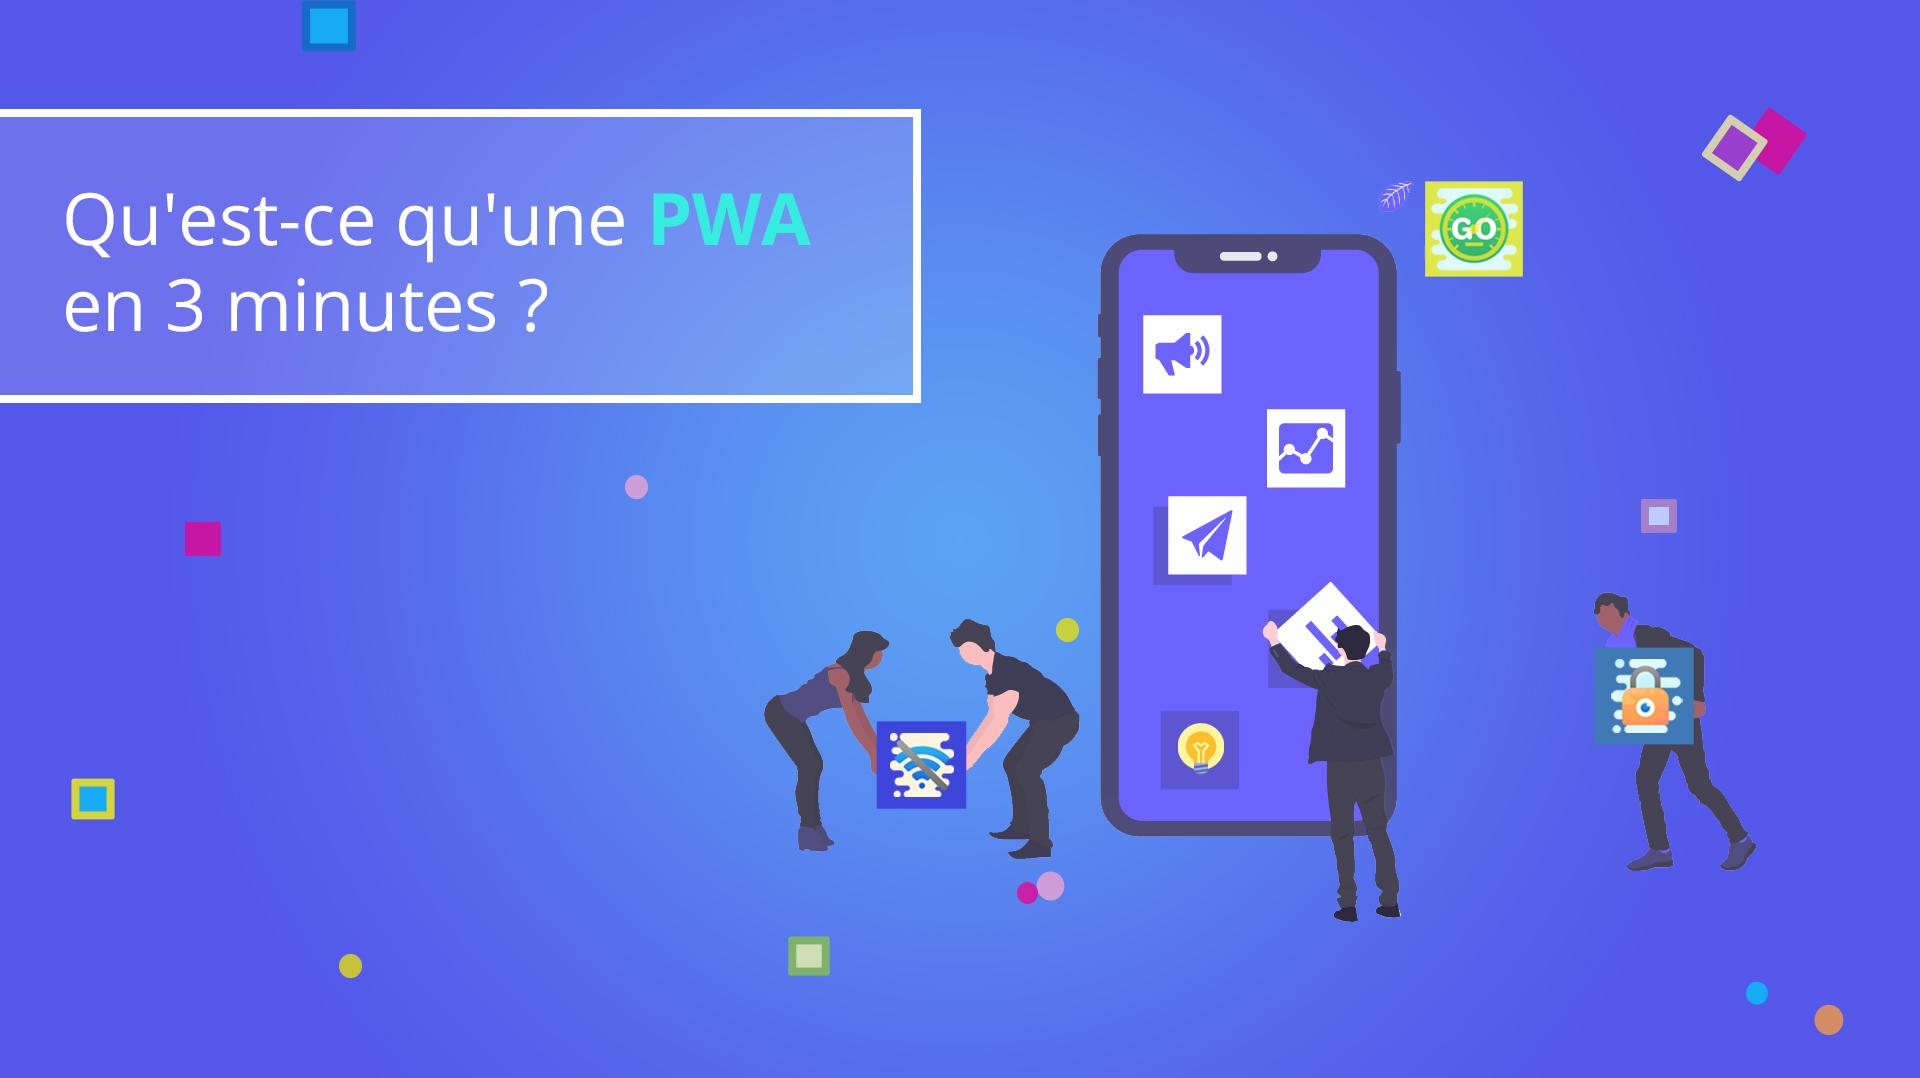 Illusatration Qu'est-ce qu'une PWA en 3 minutes ?